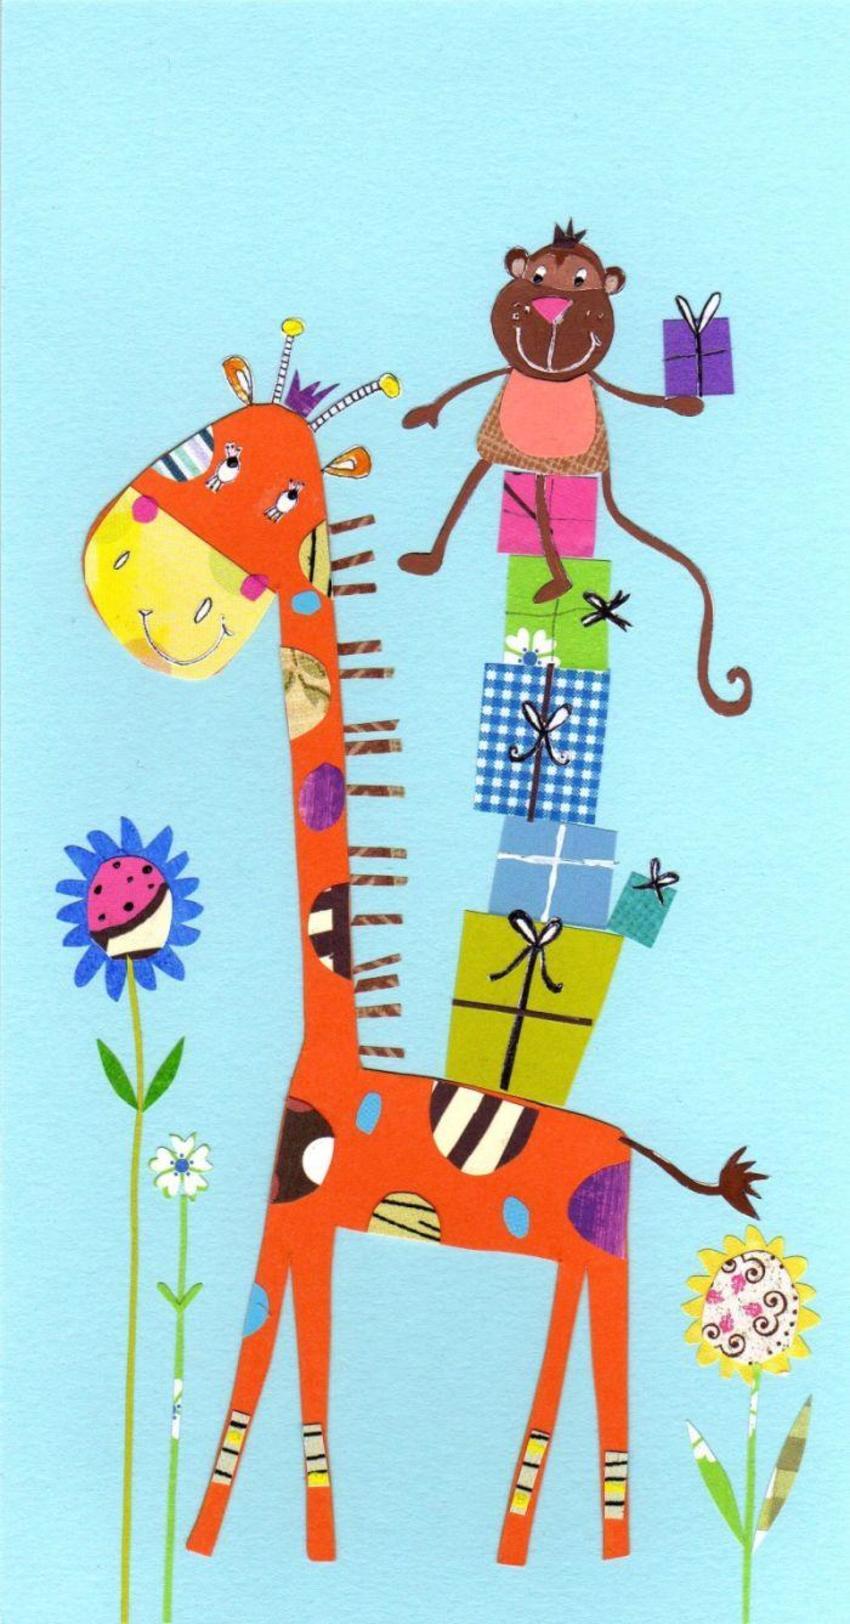 pt - giraffe n monkey.jpg